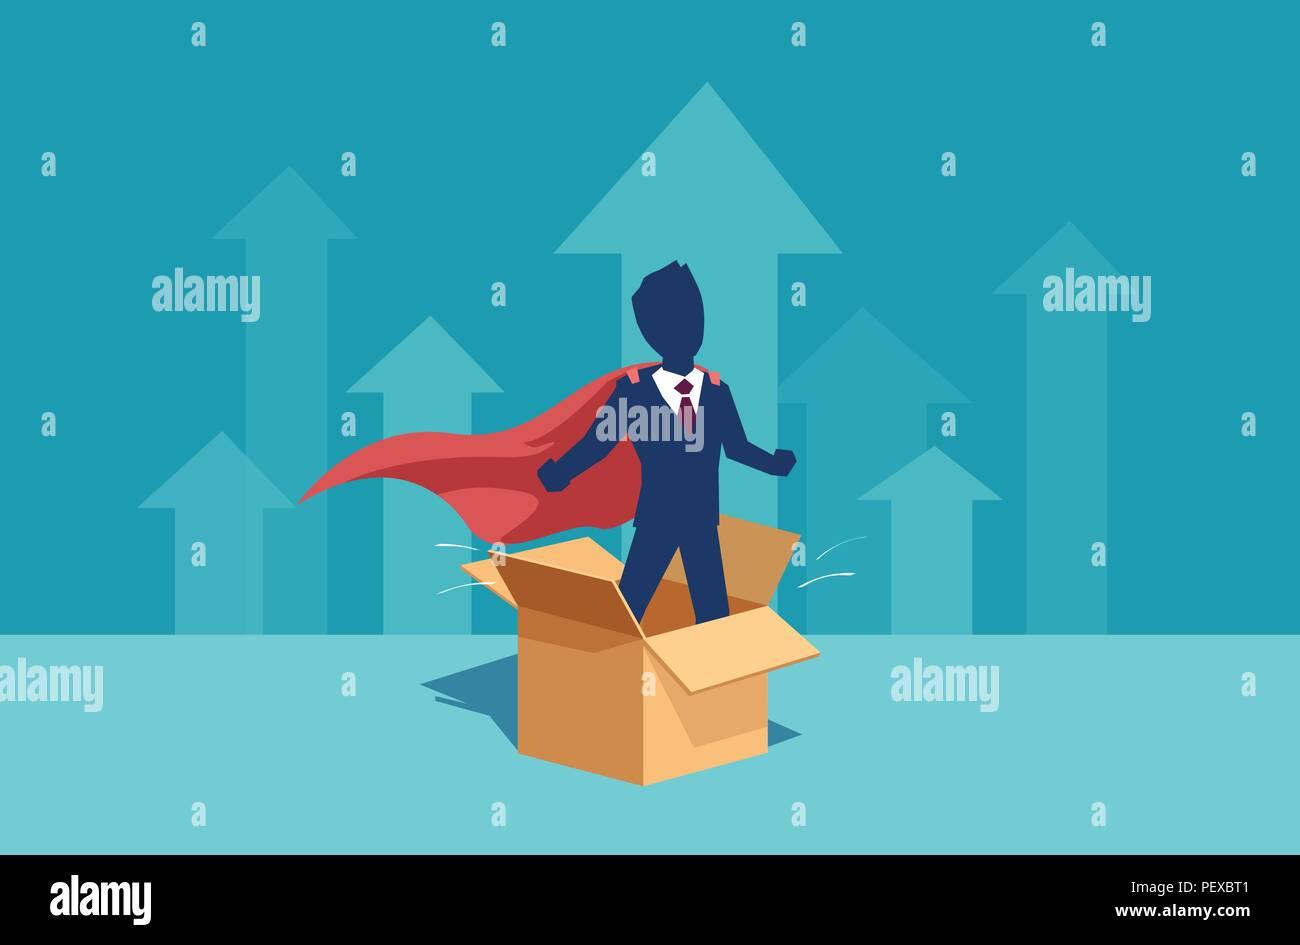 Vecteur d'un homme d'affaires du personnel de l'entreprise comme un super-héros hors des sentiers battus a des idées pour la carrière personnelle et à la croissance de l'entreprise Photo Stock